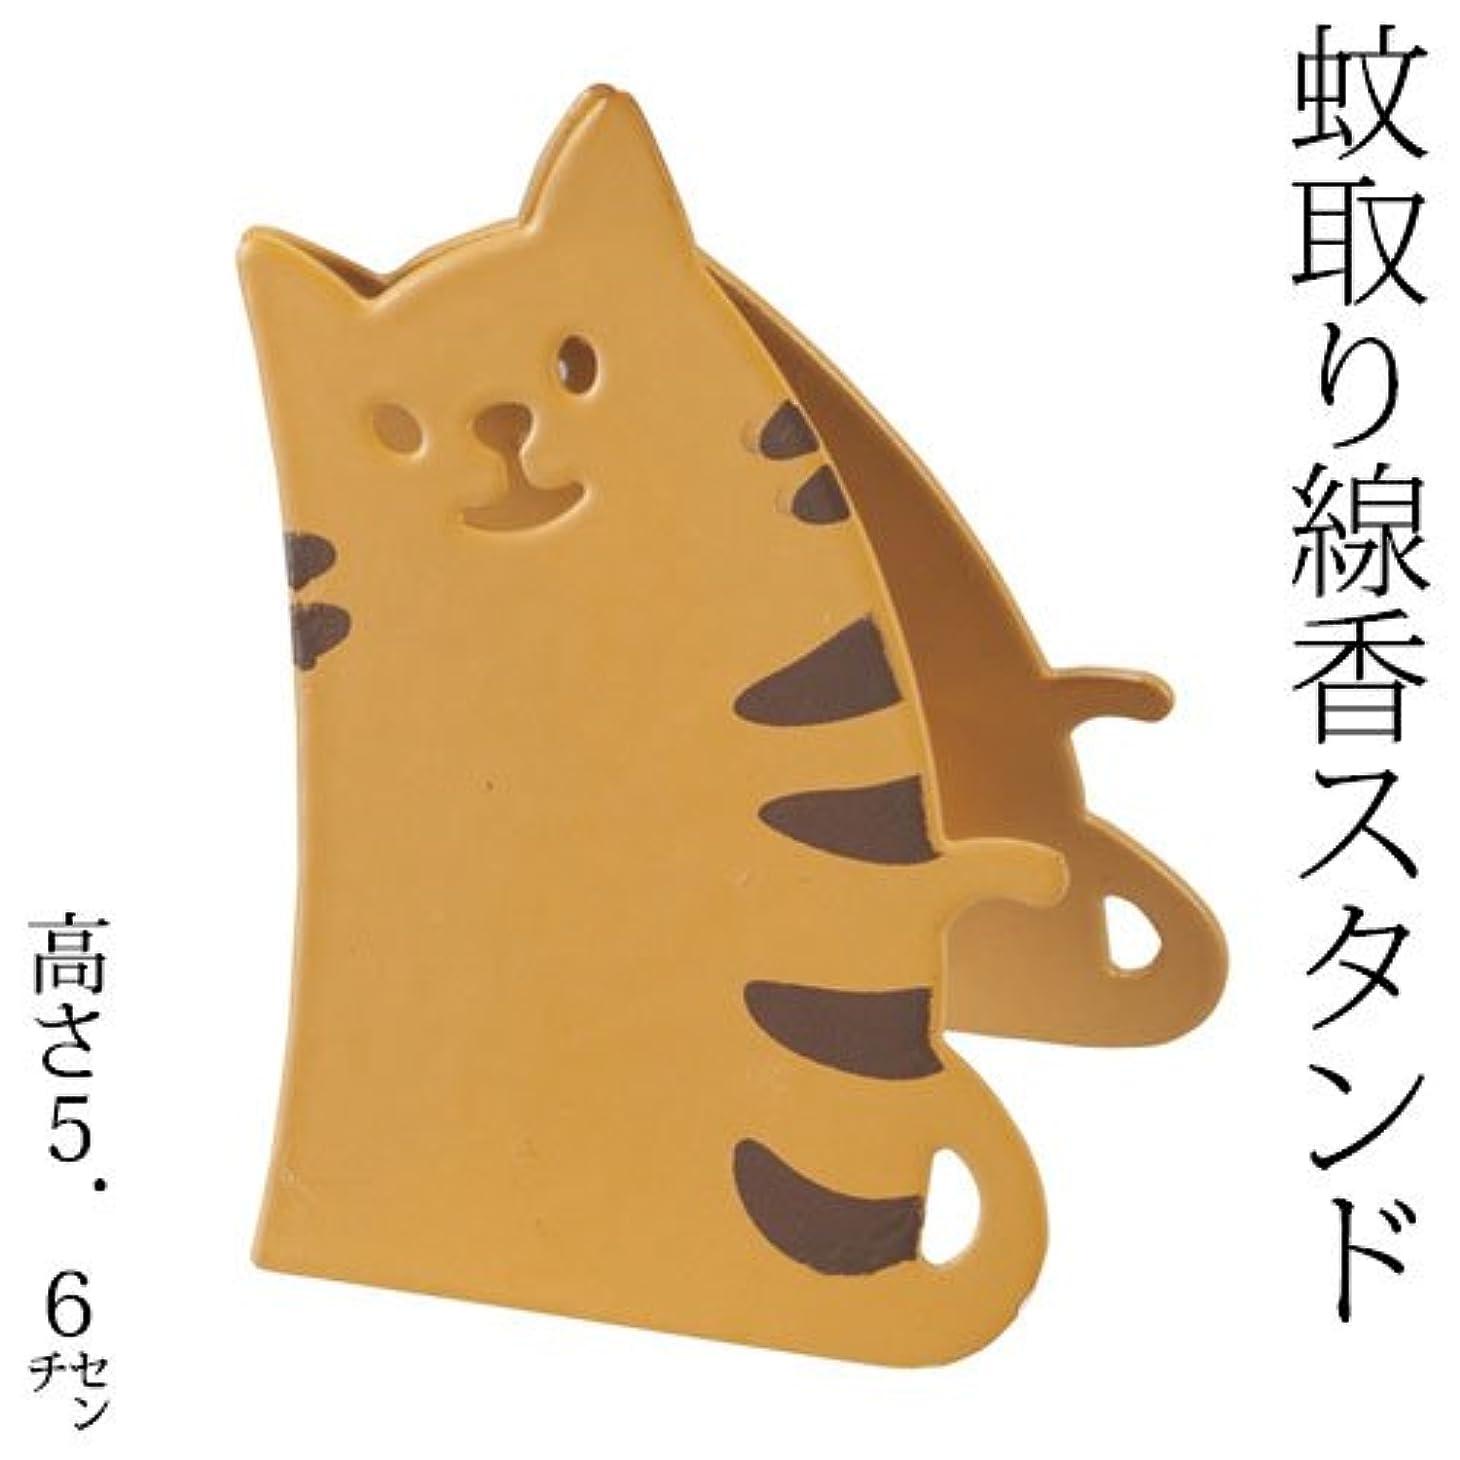 ではごきげんようアイデア許さないDECOLE蚊取り線香クリップスタンドトラ猫 (SK-13936)Mosquito coil clip stand